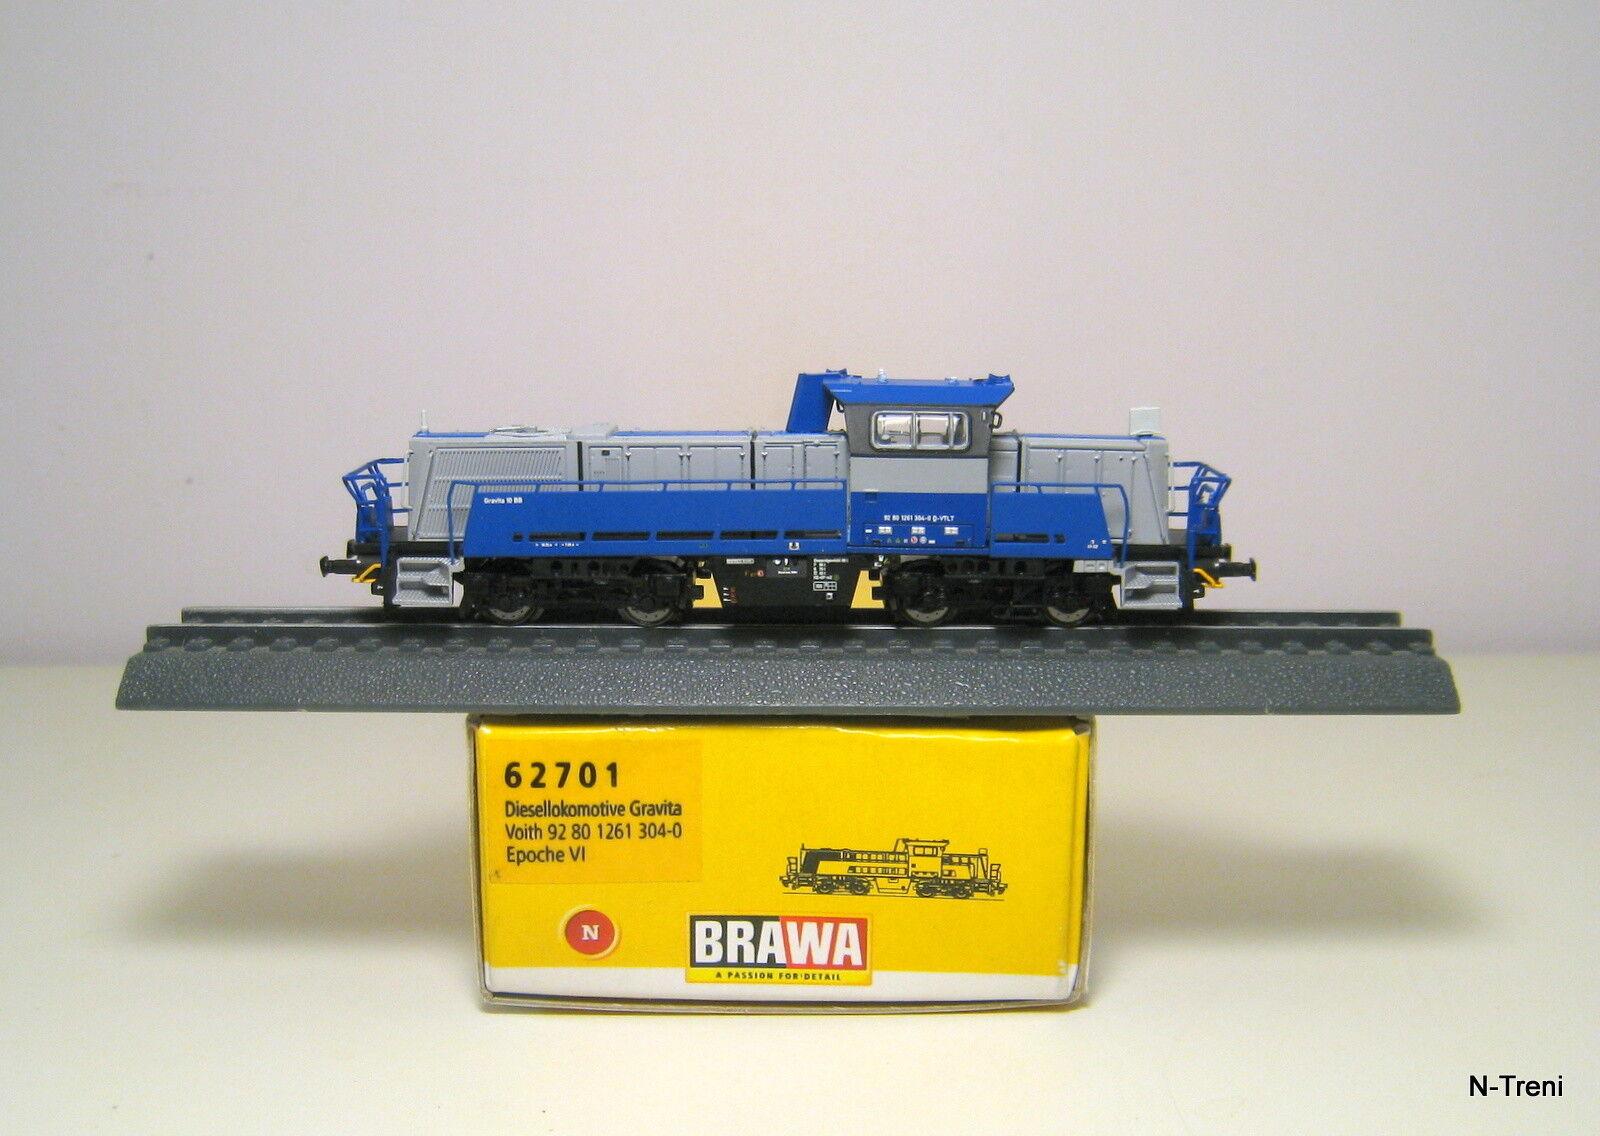 Brawa N 62701 - Loco diesel GRAVITA 10 BB Voith, matricola 90 80 1261 304-0